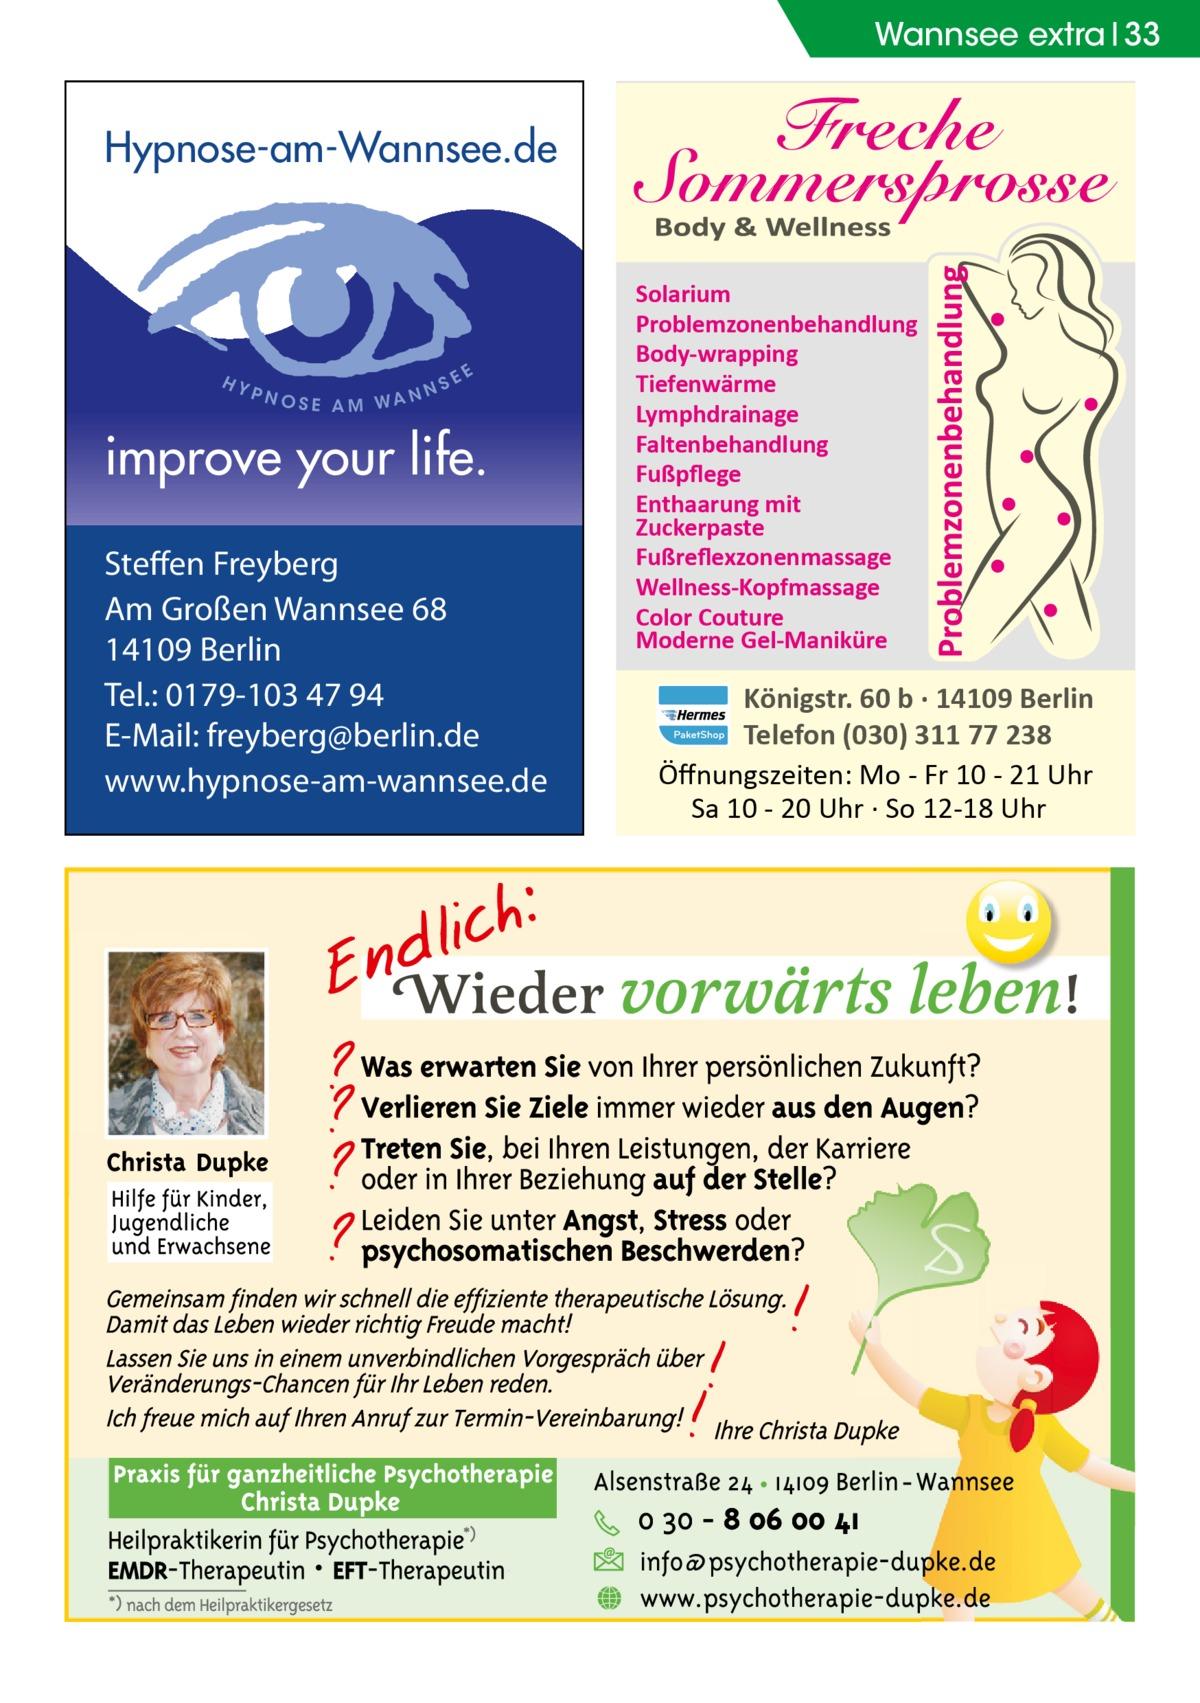 Wannsee extra 33  Hypnose-am-Wannsee.de  HY  PNO  SE AM WA N  NS  EE  improve your life. Steffen Freyberg Am Großen Wannsee 68 14109 Berlin Tel.: 0179-103 47 94 E-Mail: freyberg@berlin.de www.hypnose-am-wannsee.de  Solarium Problemzonenbehandlung Body-wrapping Tiefenwärme Lymphdrainage Faltenbehandlung Fußpflege Enthaarung mit Zuckerpaste Fußreflexzonenmassage Wellness-Kopfmassage Color Couture Moderne Gel-Maniküre  Königstr. 60 b · 14109 Berlin Telefon (030) 311 77 238 Öffnungszeiten: Mo - Fr 10 - 21 Uhr Sa 10 - 20 Uhr · So 12-18 Uhr